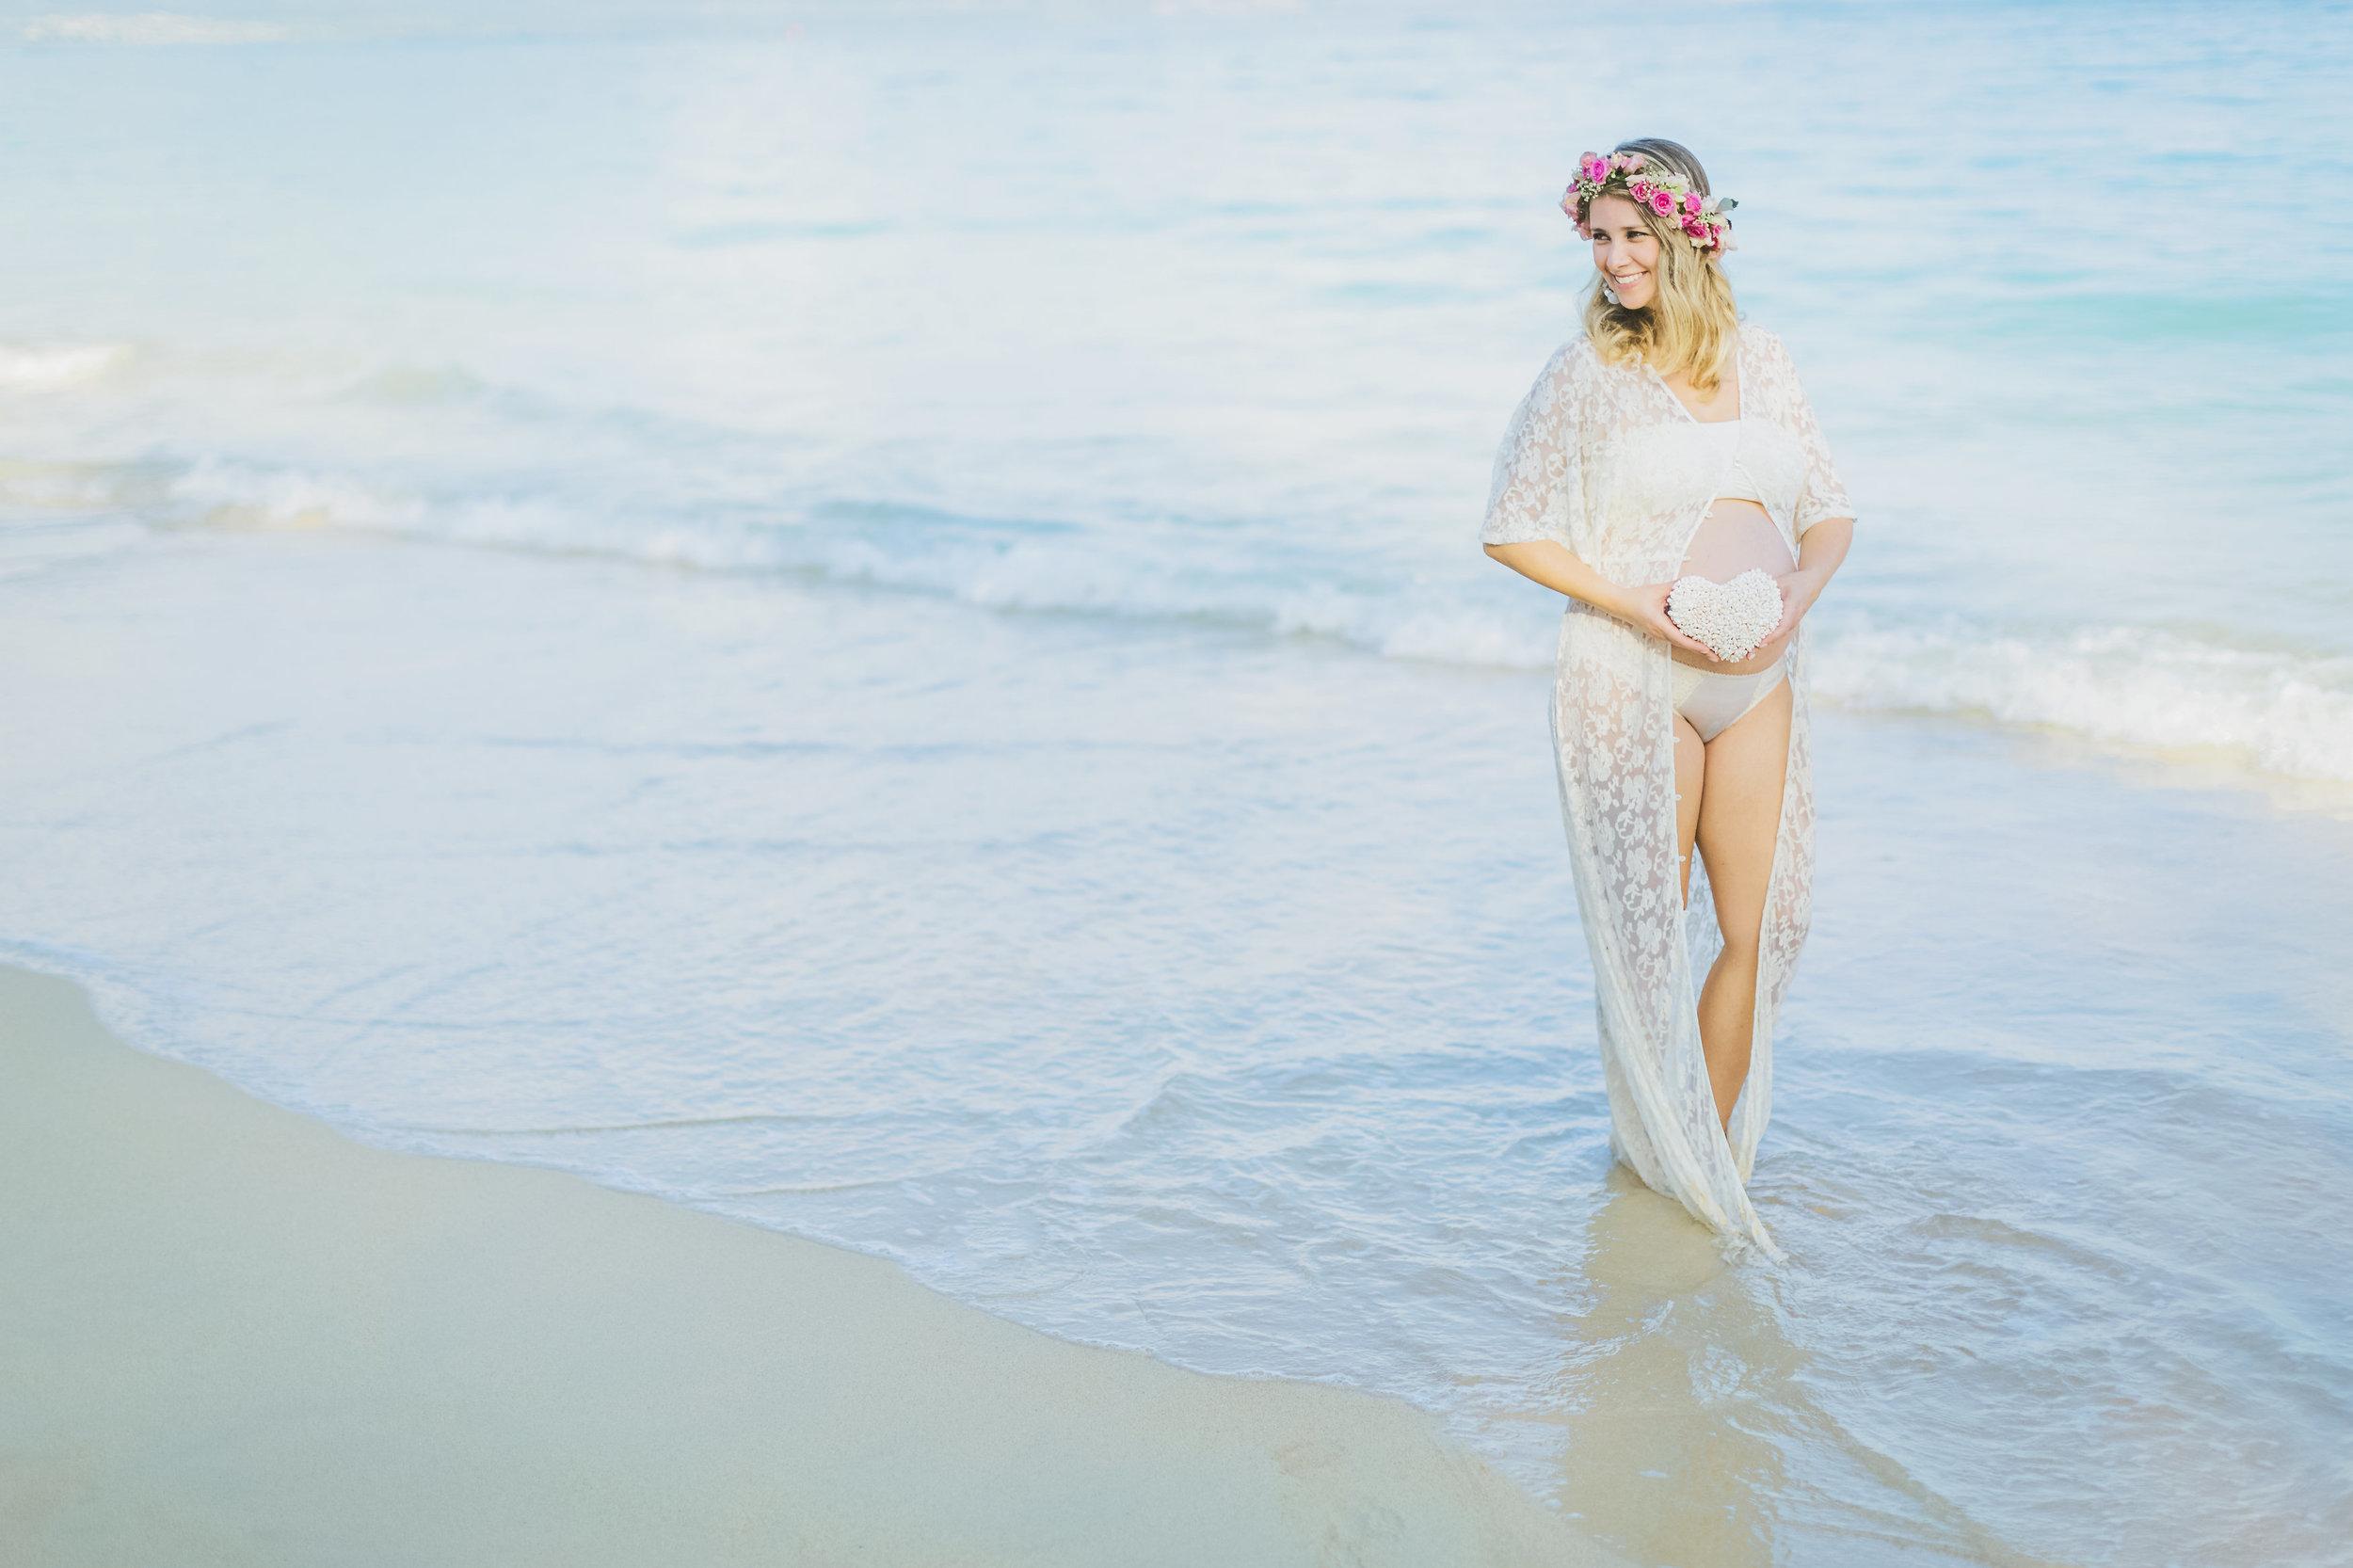 angie-diaz-photography-maui-family-maternity-kanaha-beach-16.jpg